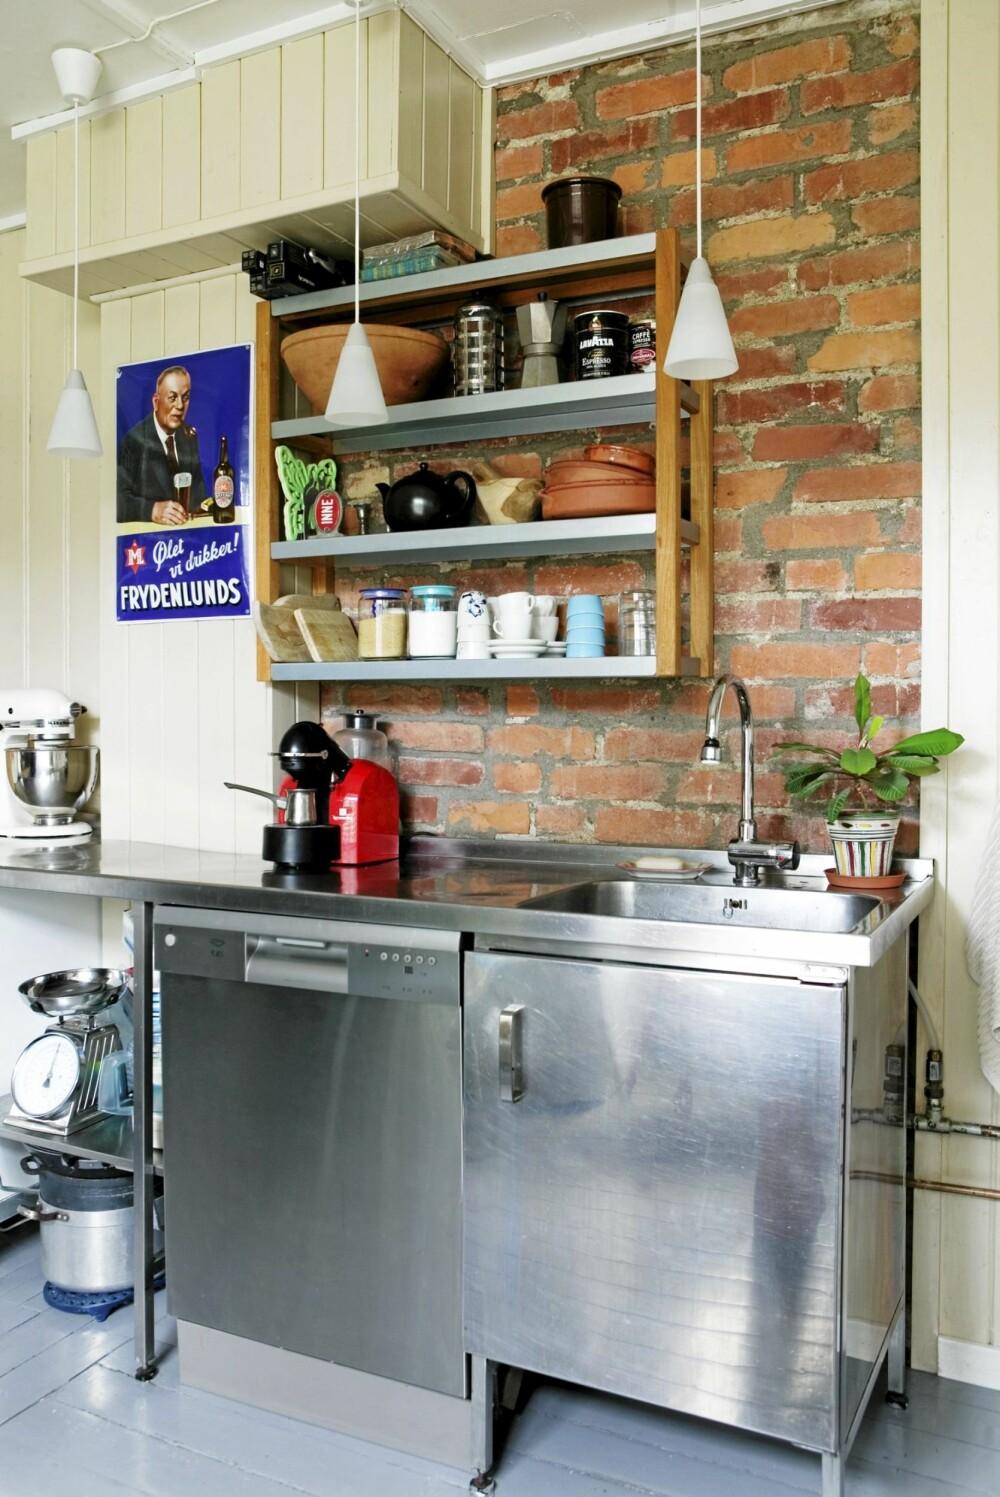 LITEN PLASS: På et kjøkken med liten plass kan en slik hylle bli redningen.